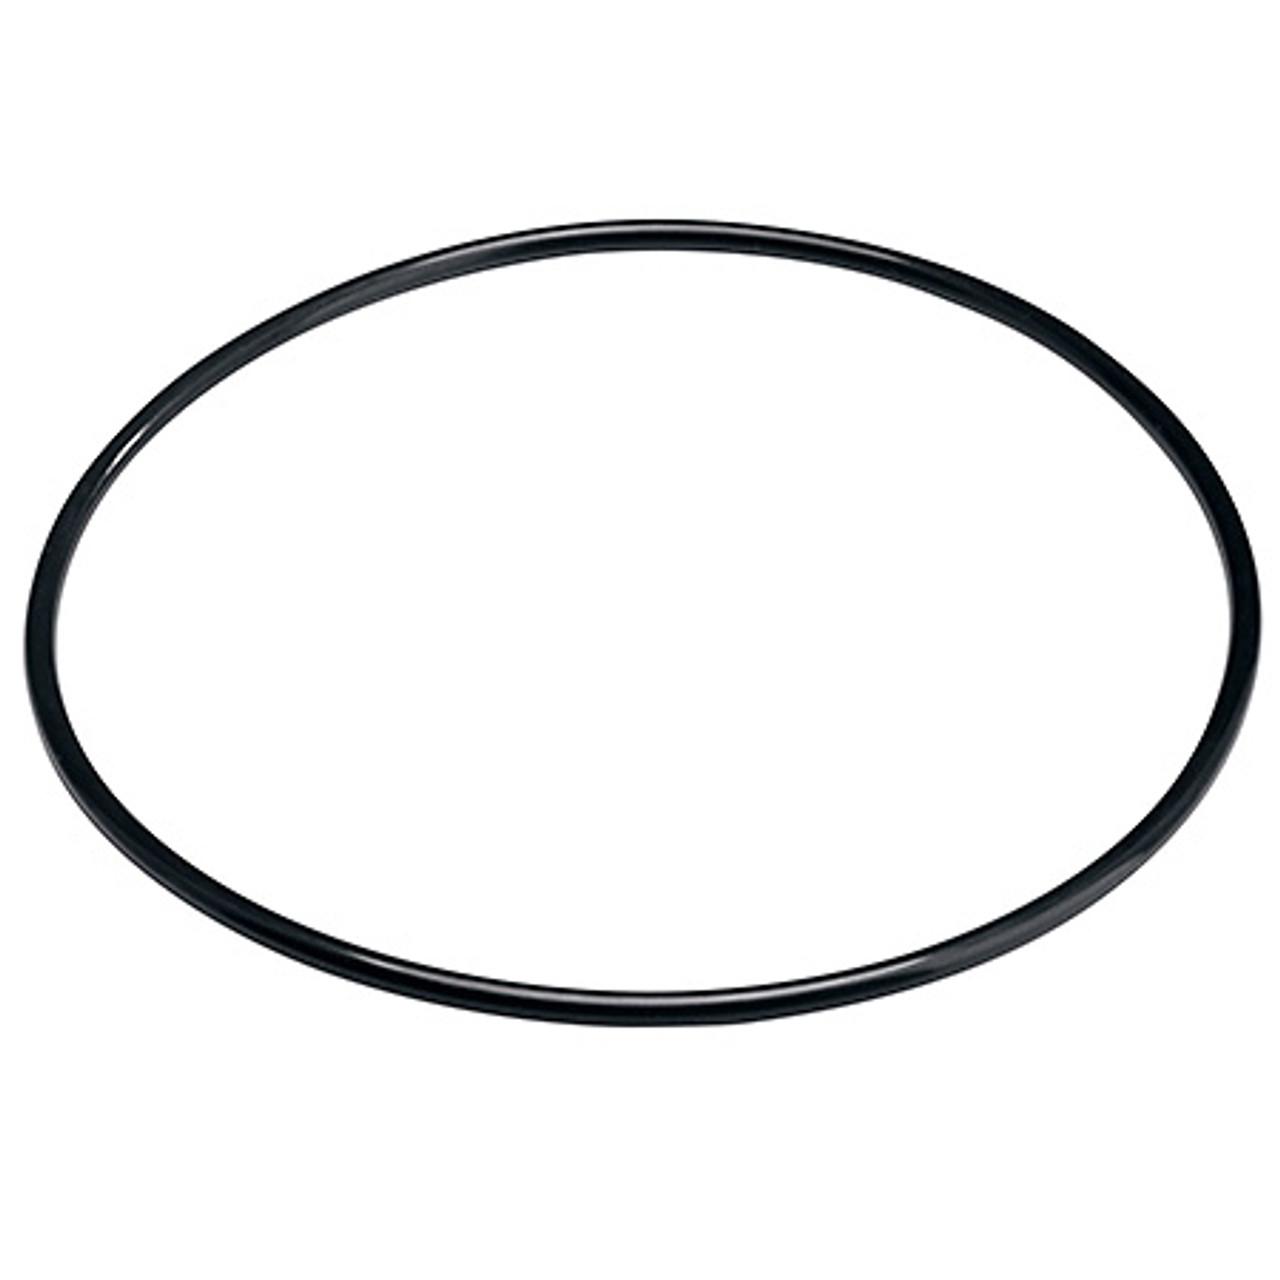 Pentair 151121 O-ring for Slimline Housings